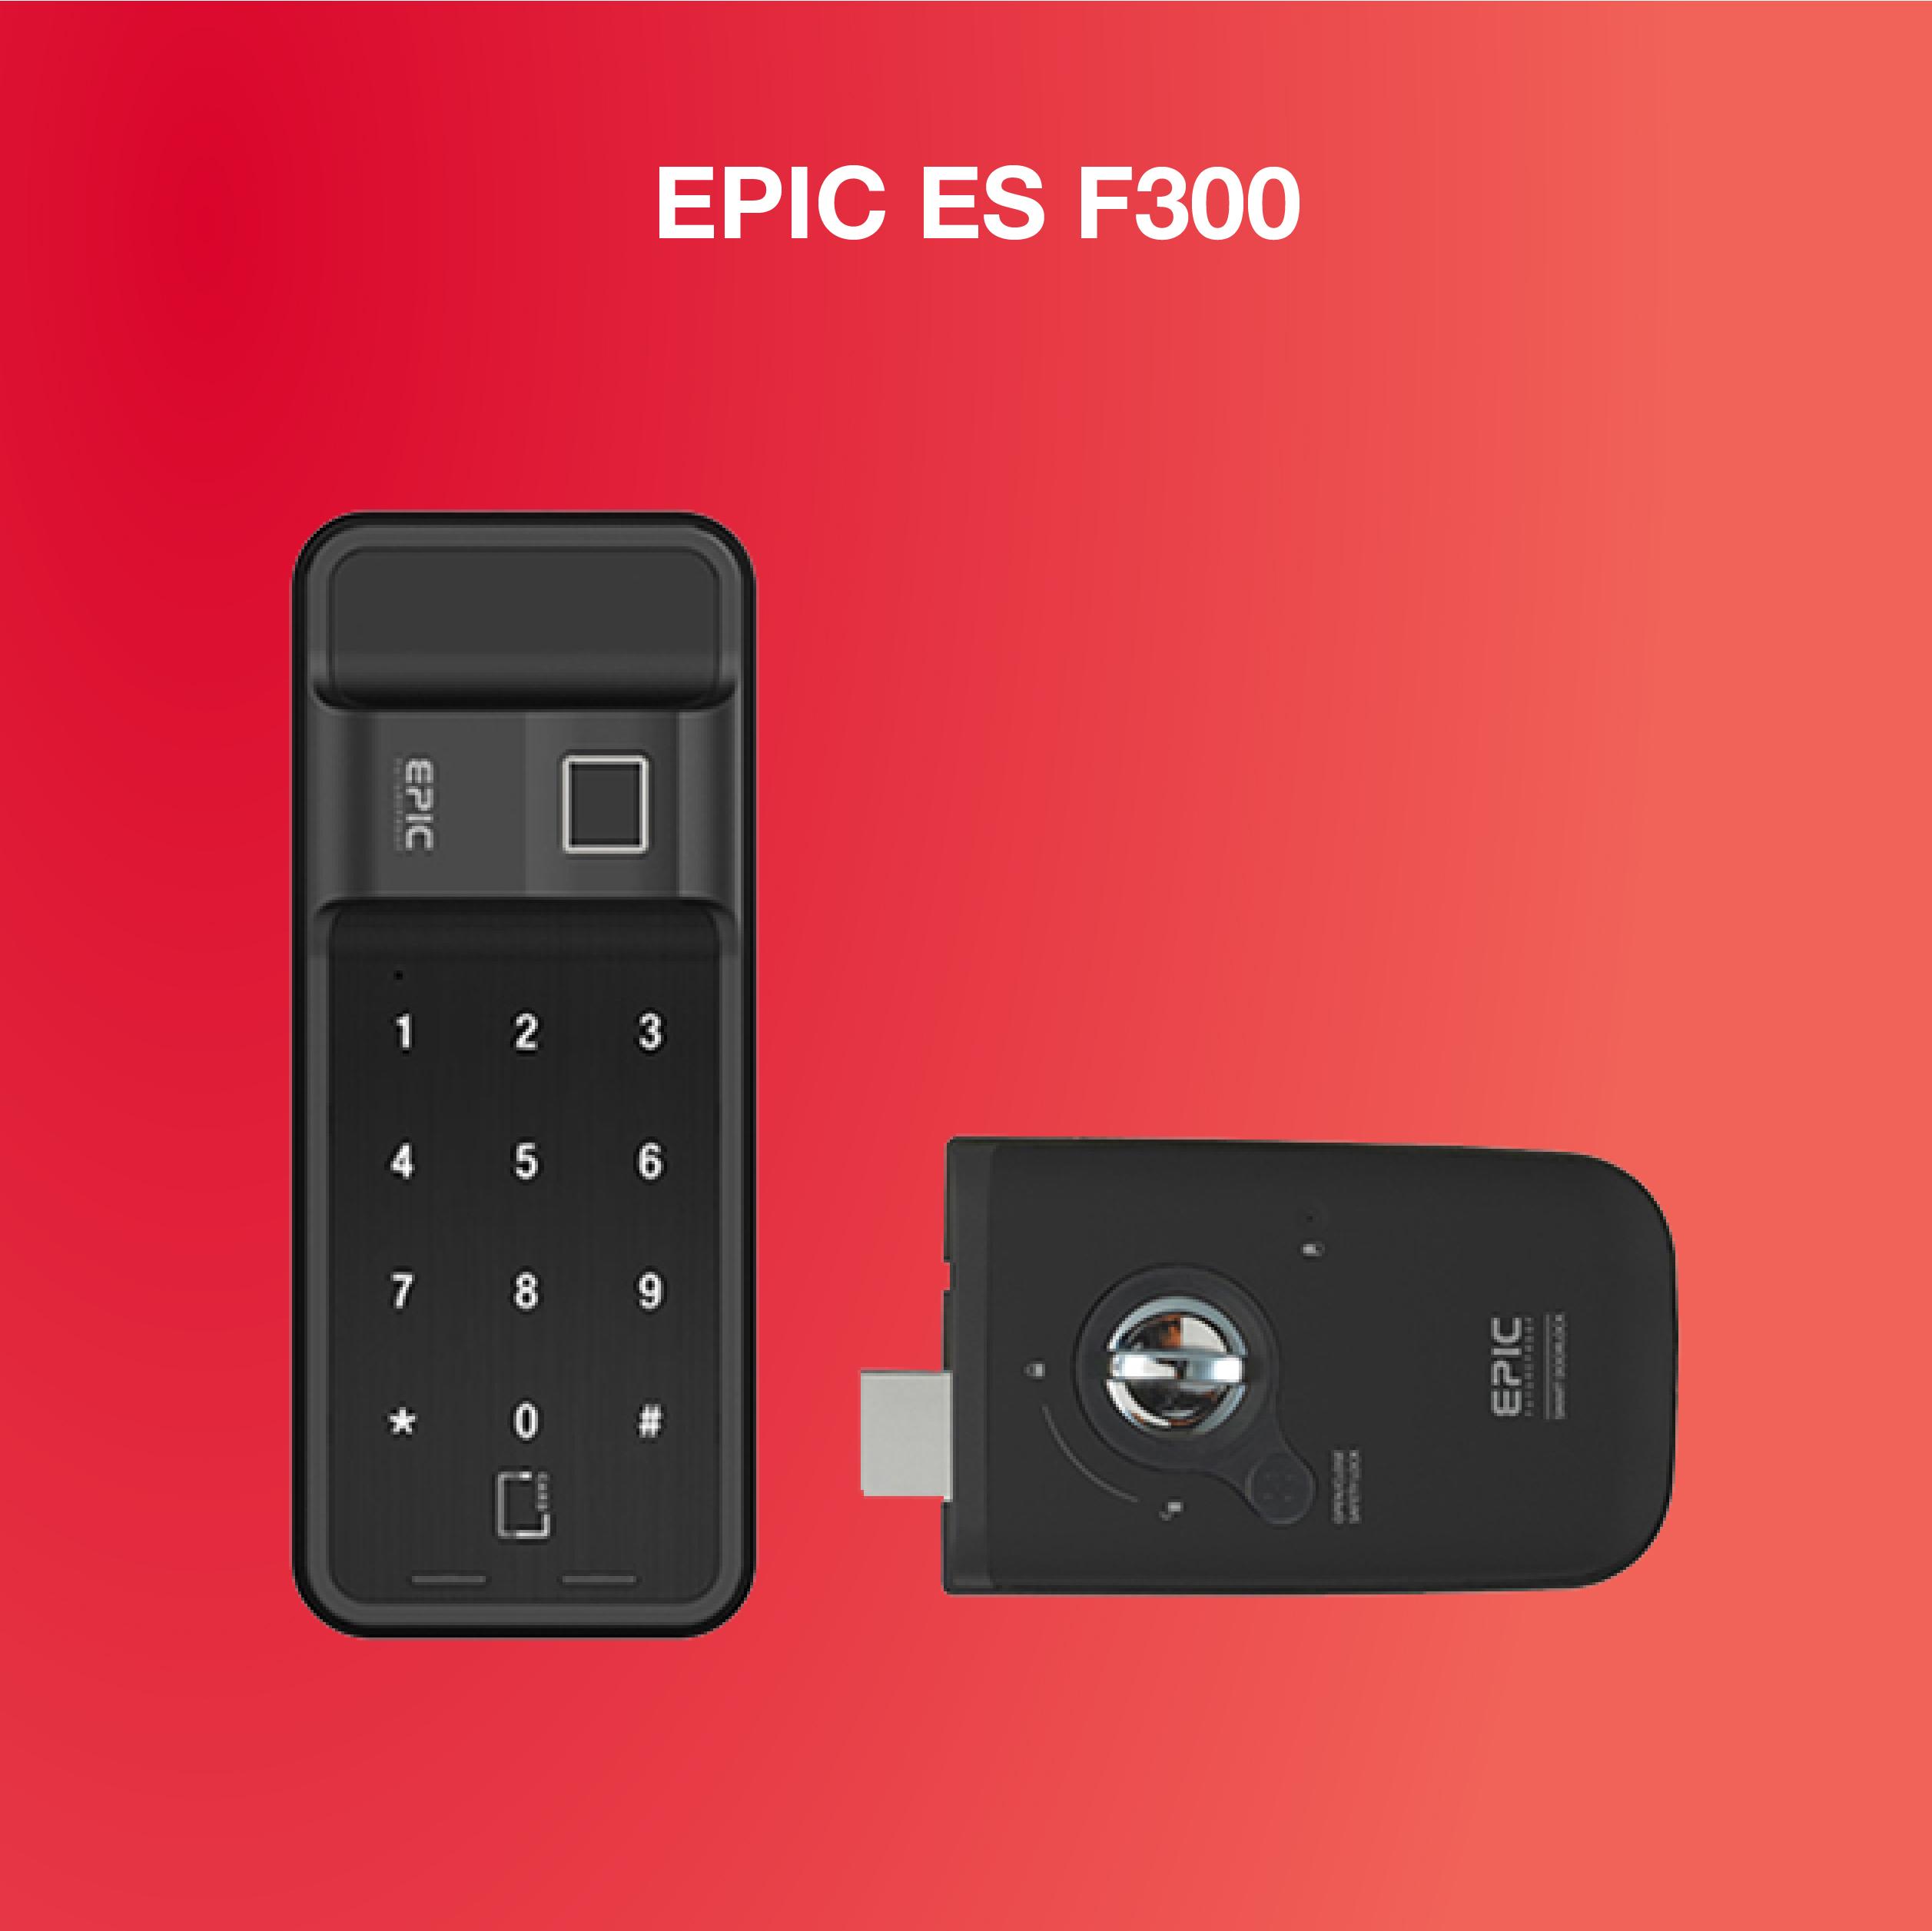 khoa-van-tay-epic-f300